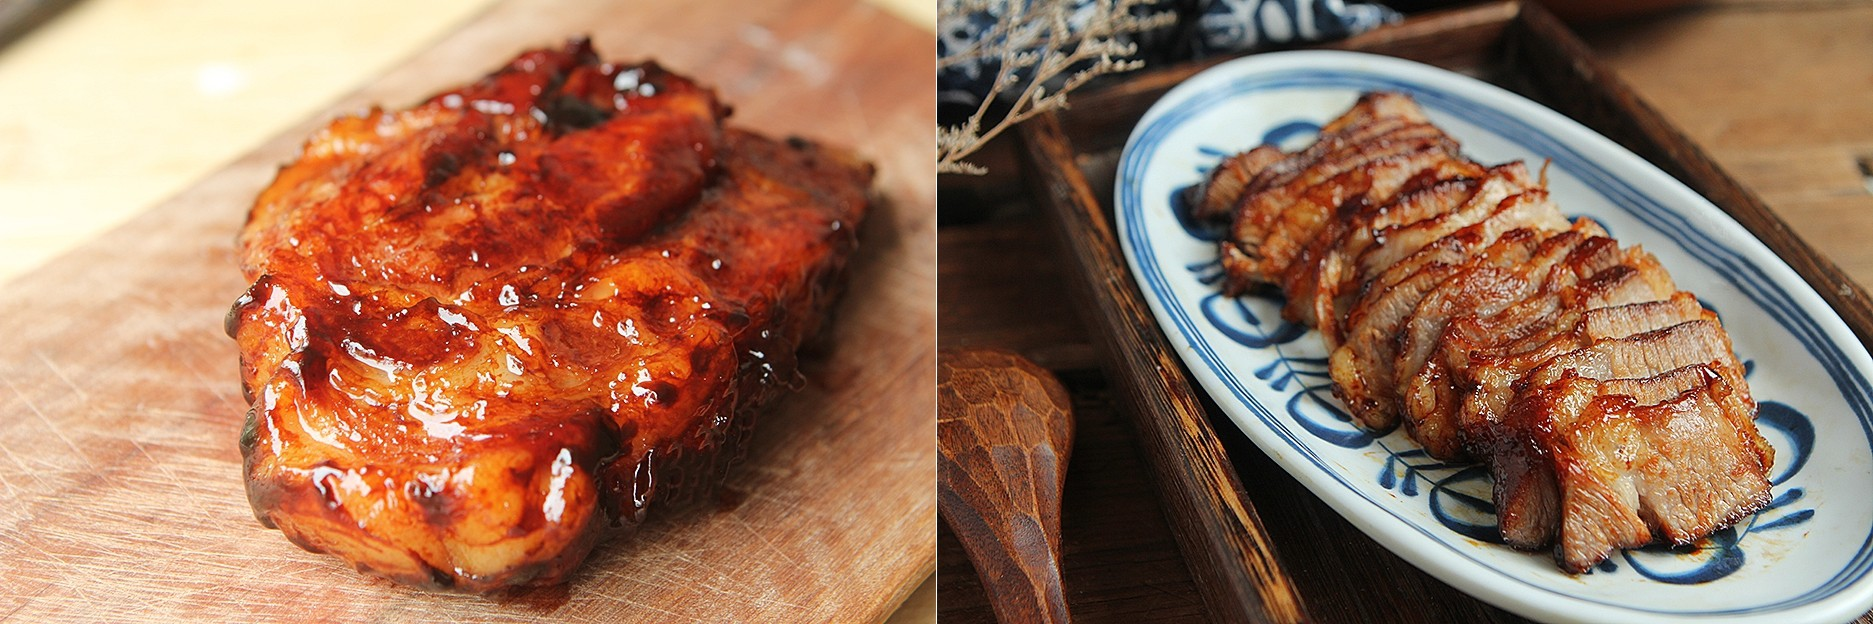 Tưởng không dễ mà dễ không tưởng: nướng thịt bằng nồi cơm điện ăn siêu ngon!-4